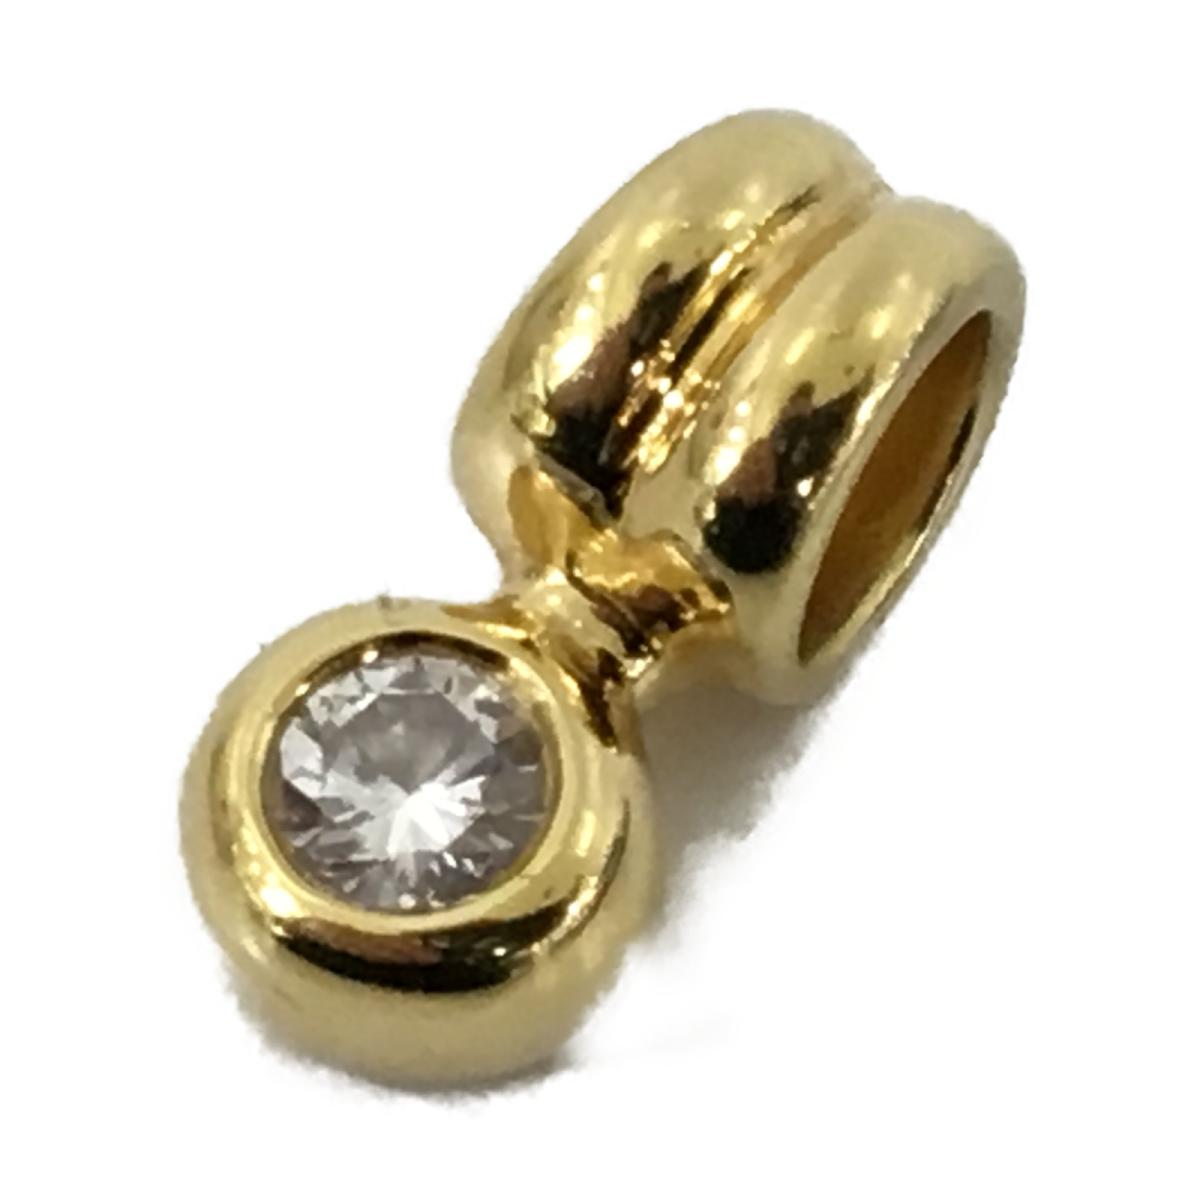 【中古】 ジュエリー ダイヤモンド ペンダントトップ メンズ レディース K18YG (750) イエローゴールド x (0.25ct) | JEWELRY BRANDOFF ブランドオフ ブランド アクセサリー トップ